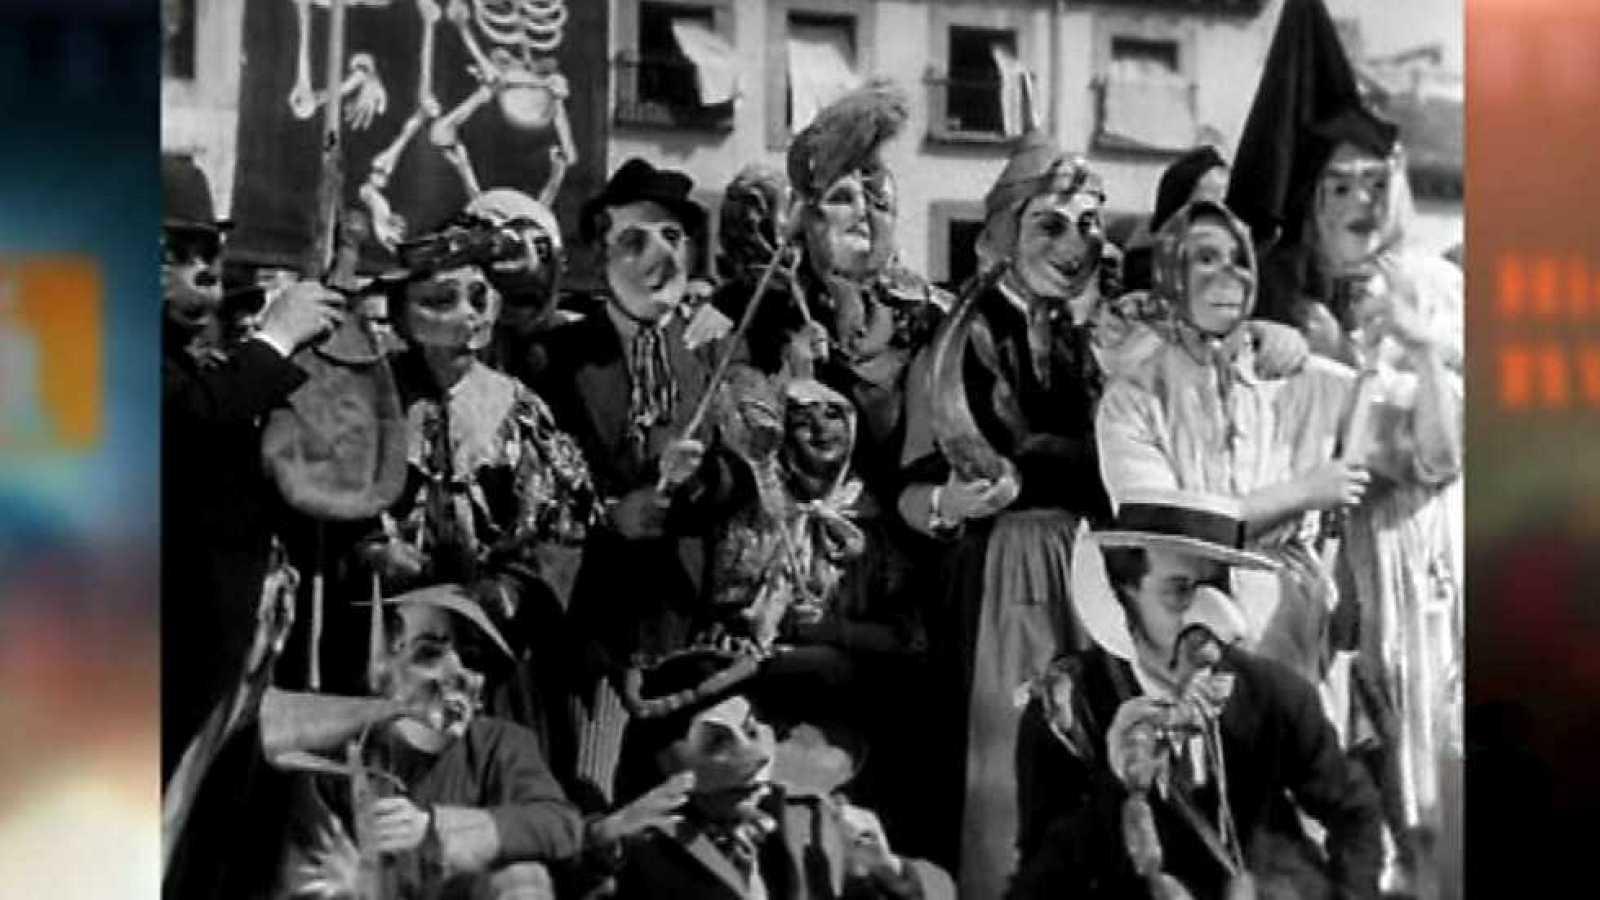 Historia de nuestro cine - Domingo de Carnaval (Presentación) - Ver ahora